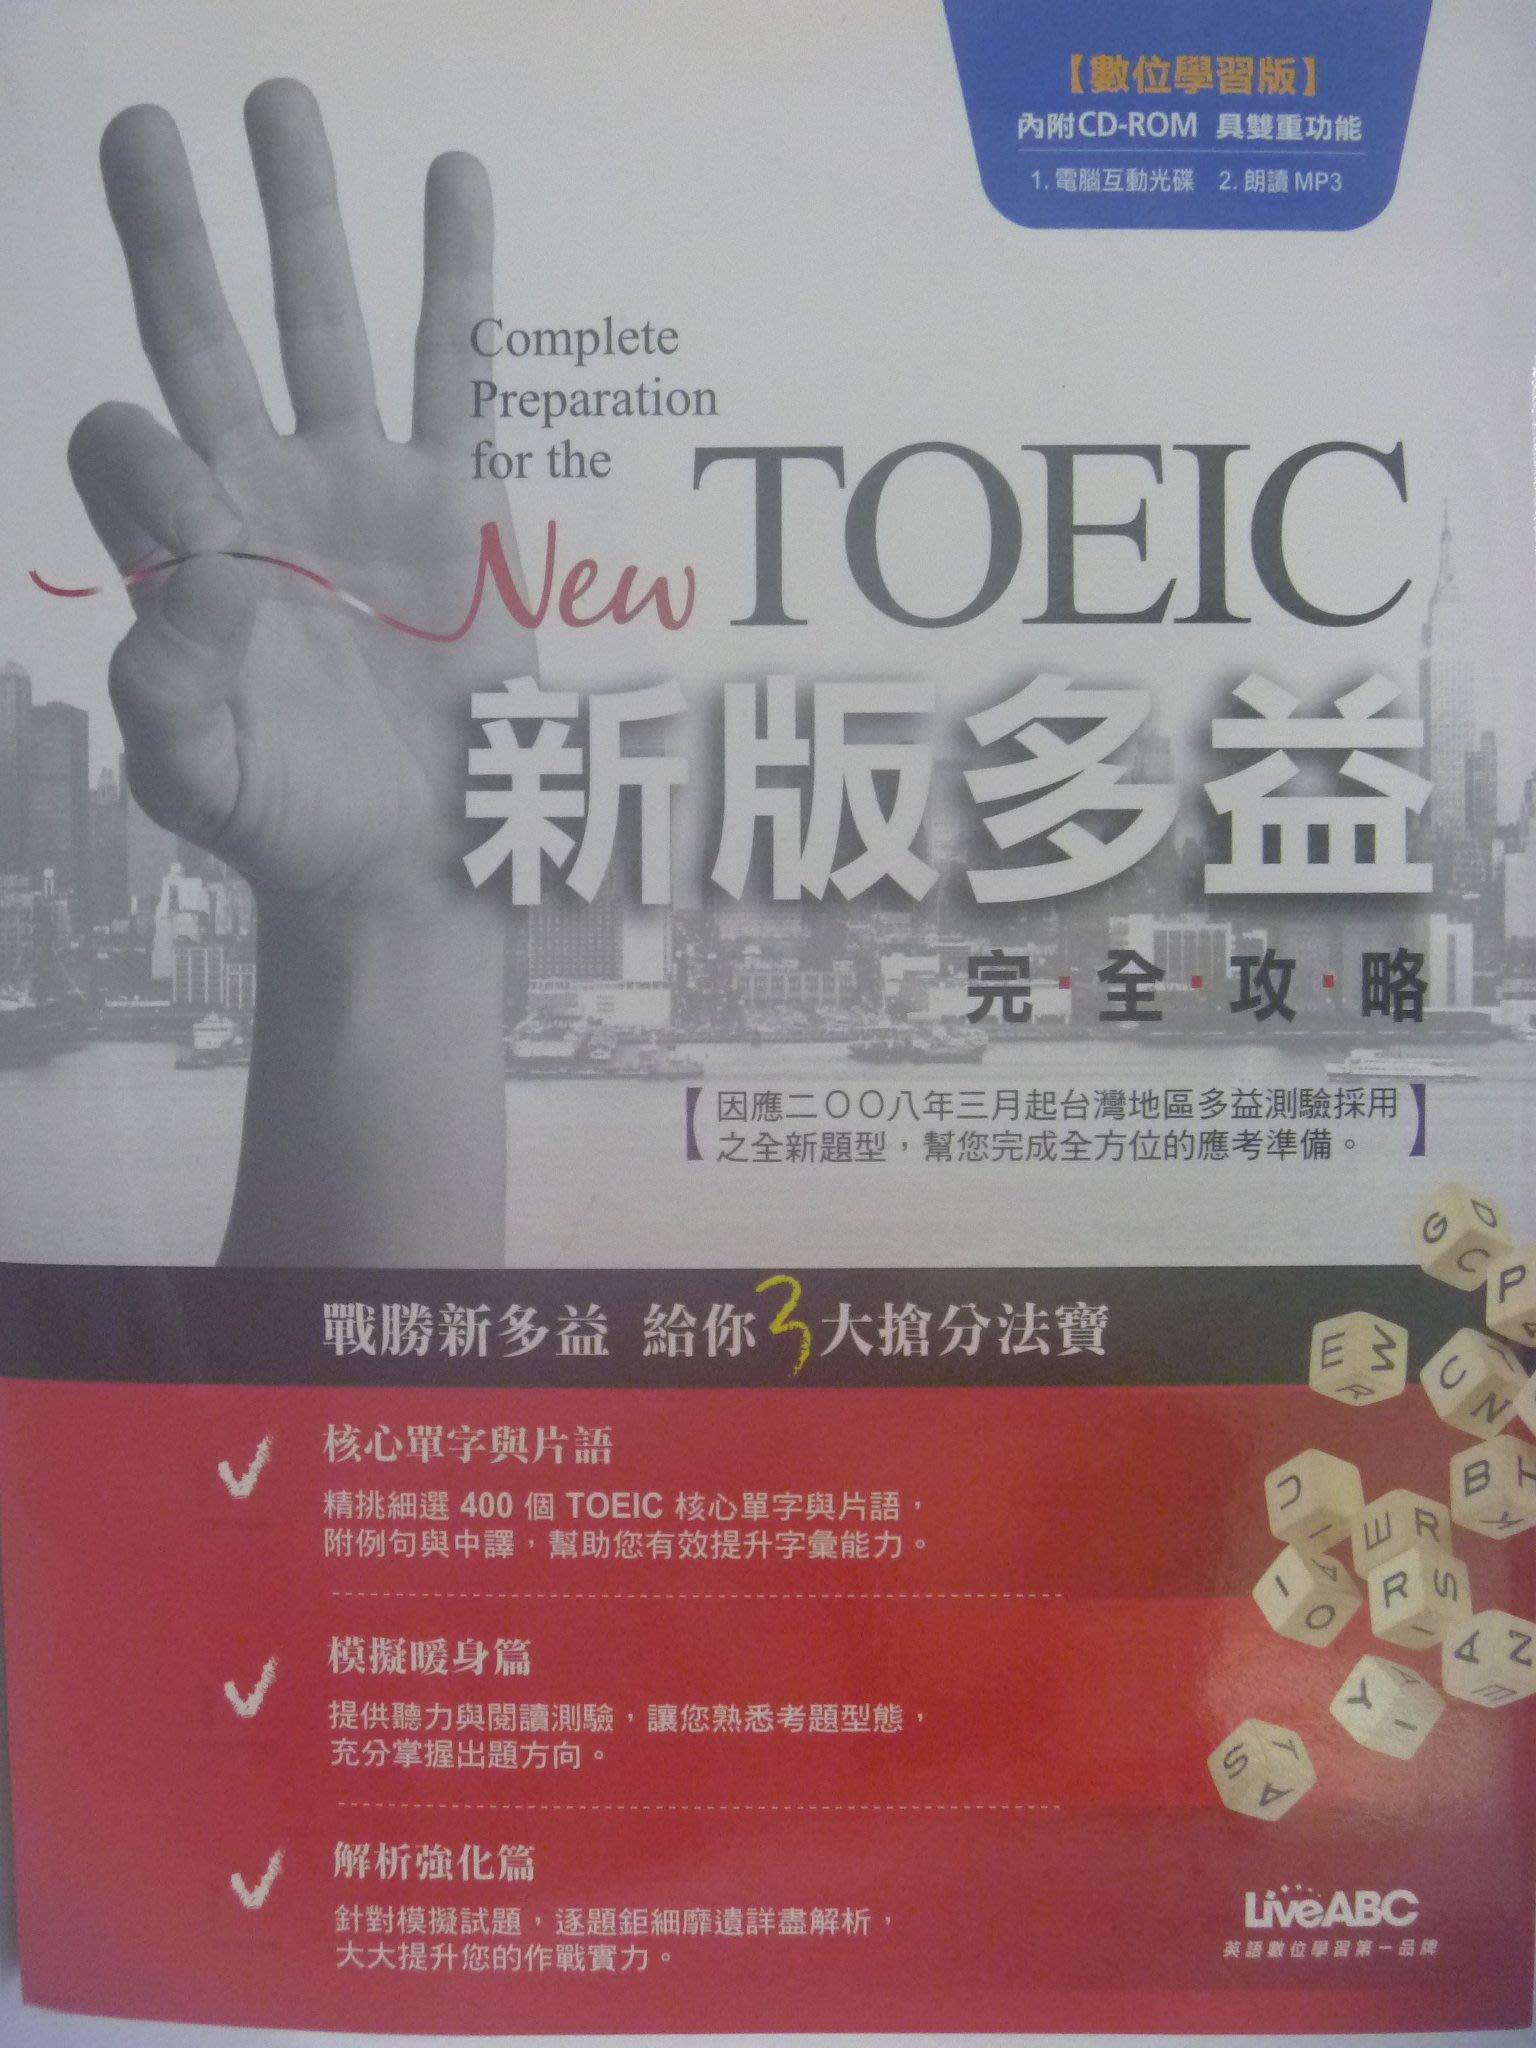 過去 問 toeic